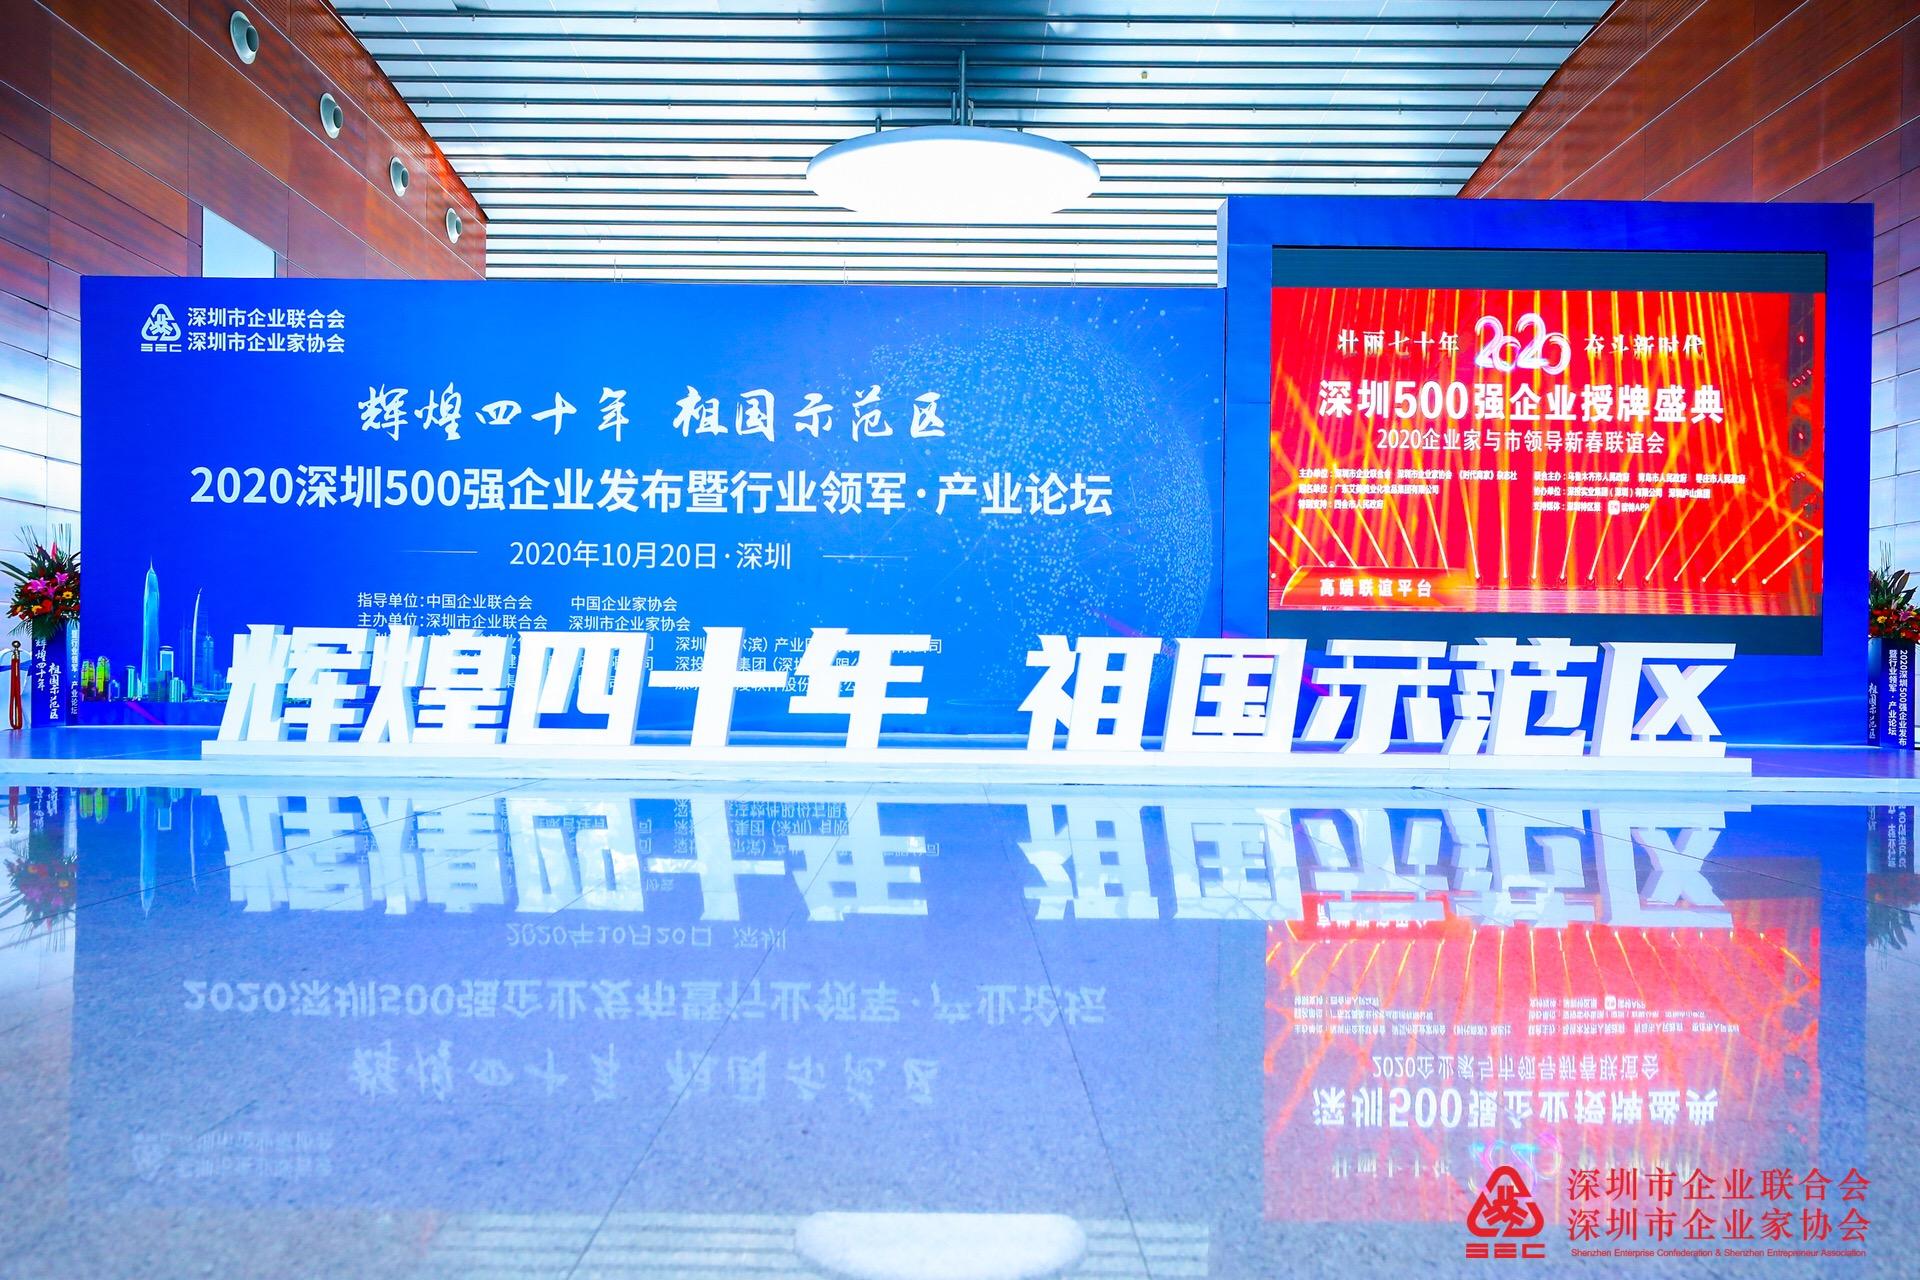 奋进|东森游戏娱乐用户登官网再获评深圳500强平台